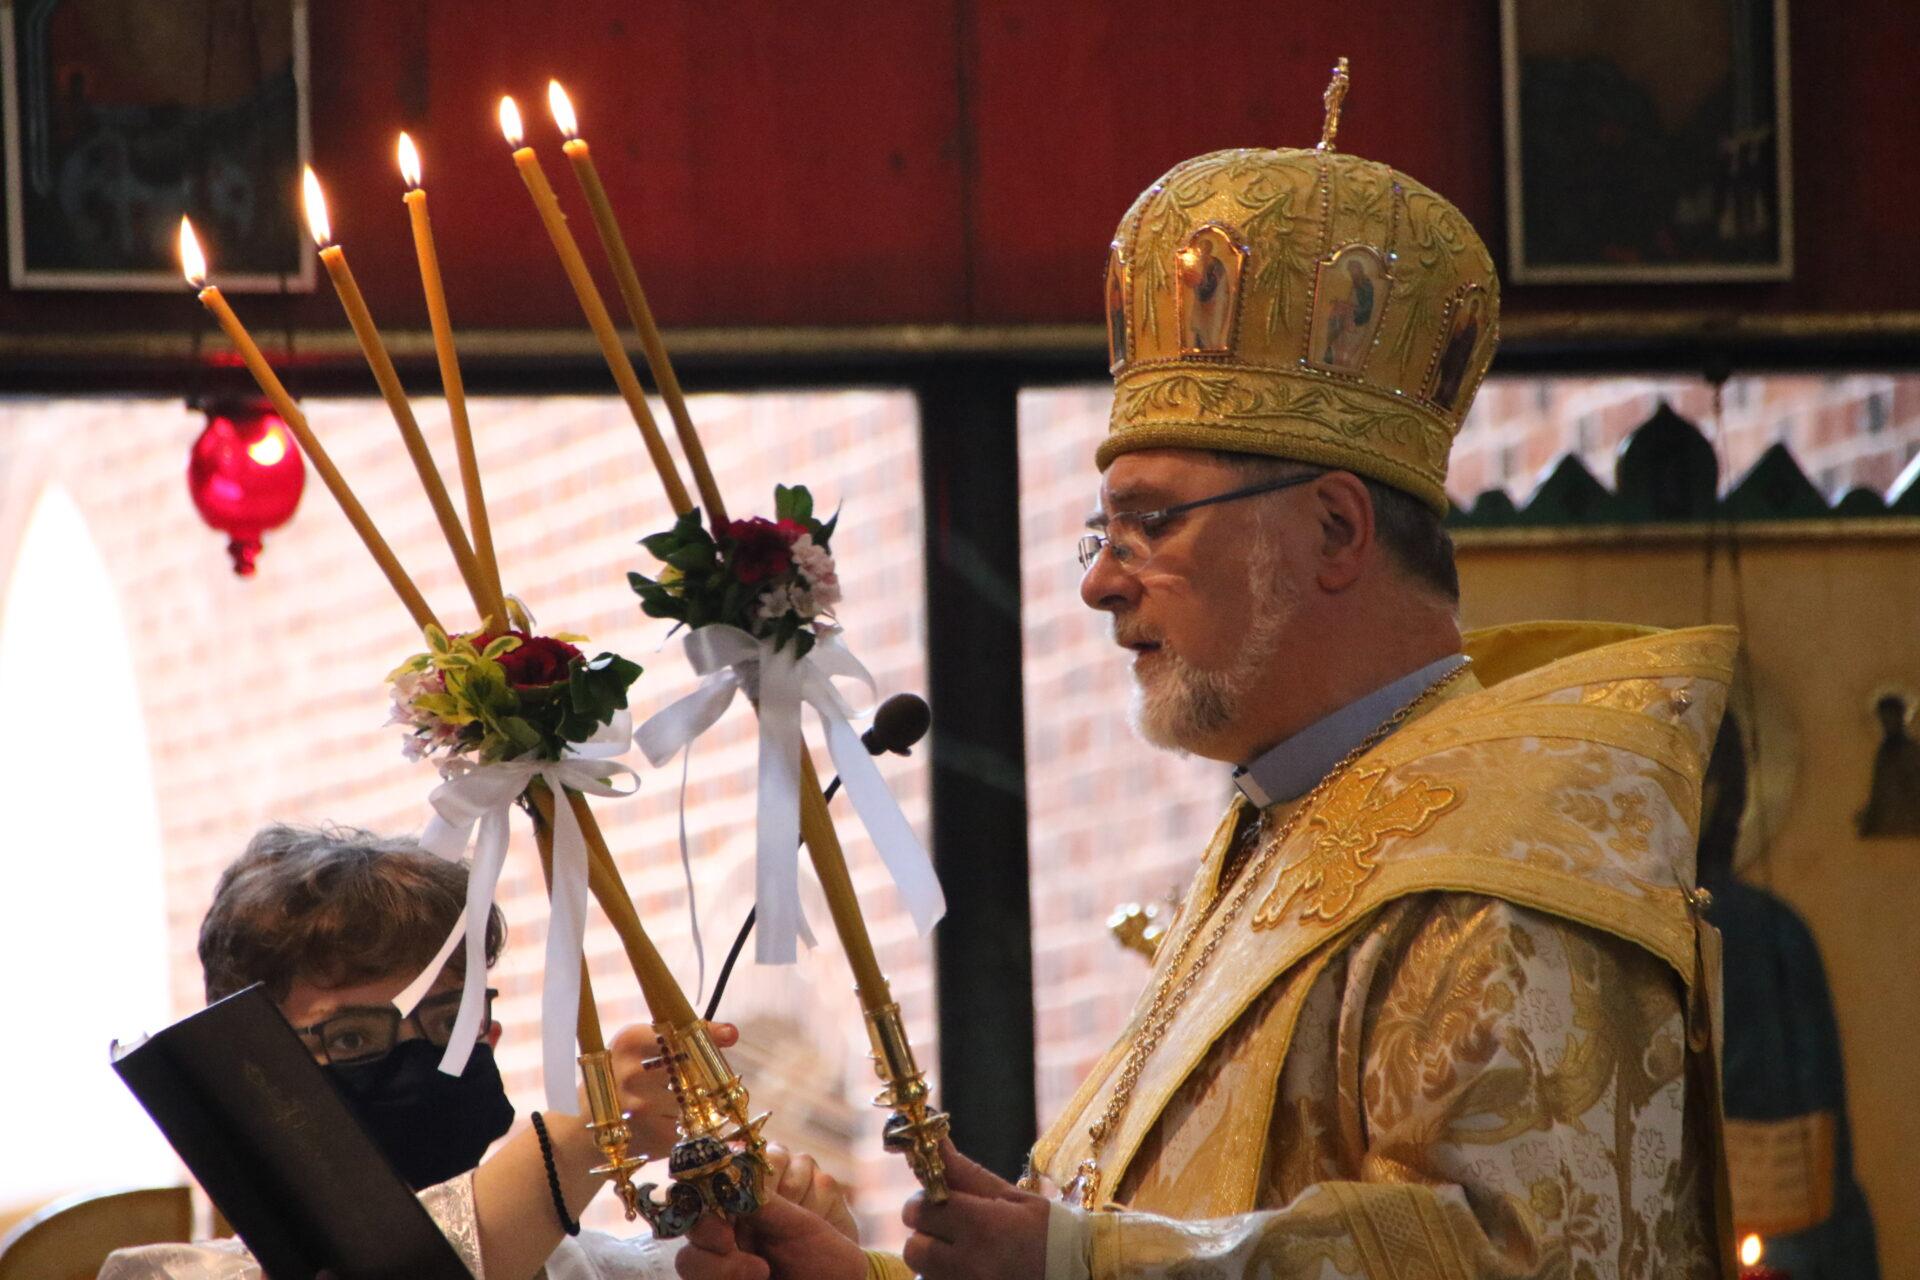 Uroczystości 25-lecia utworzenia eparchii w greckokatolickiej katedrze we Wrocławiu